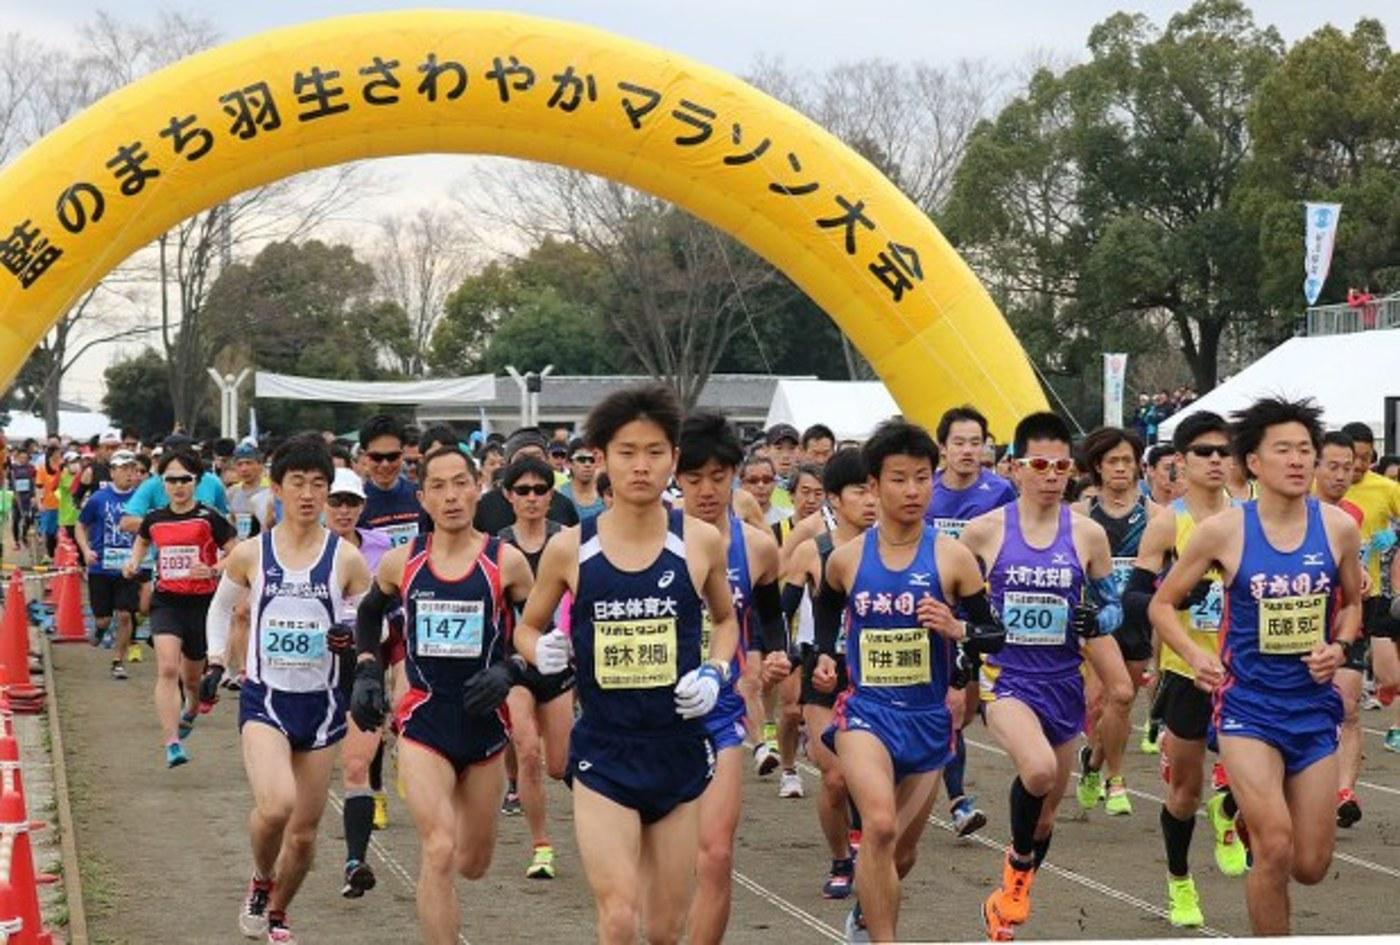 藍のまち羽生さわやかマラソン | 埼玉県